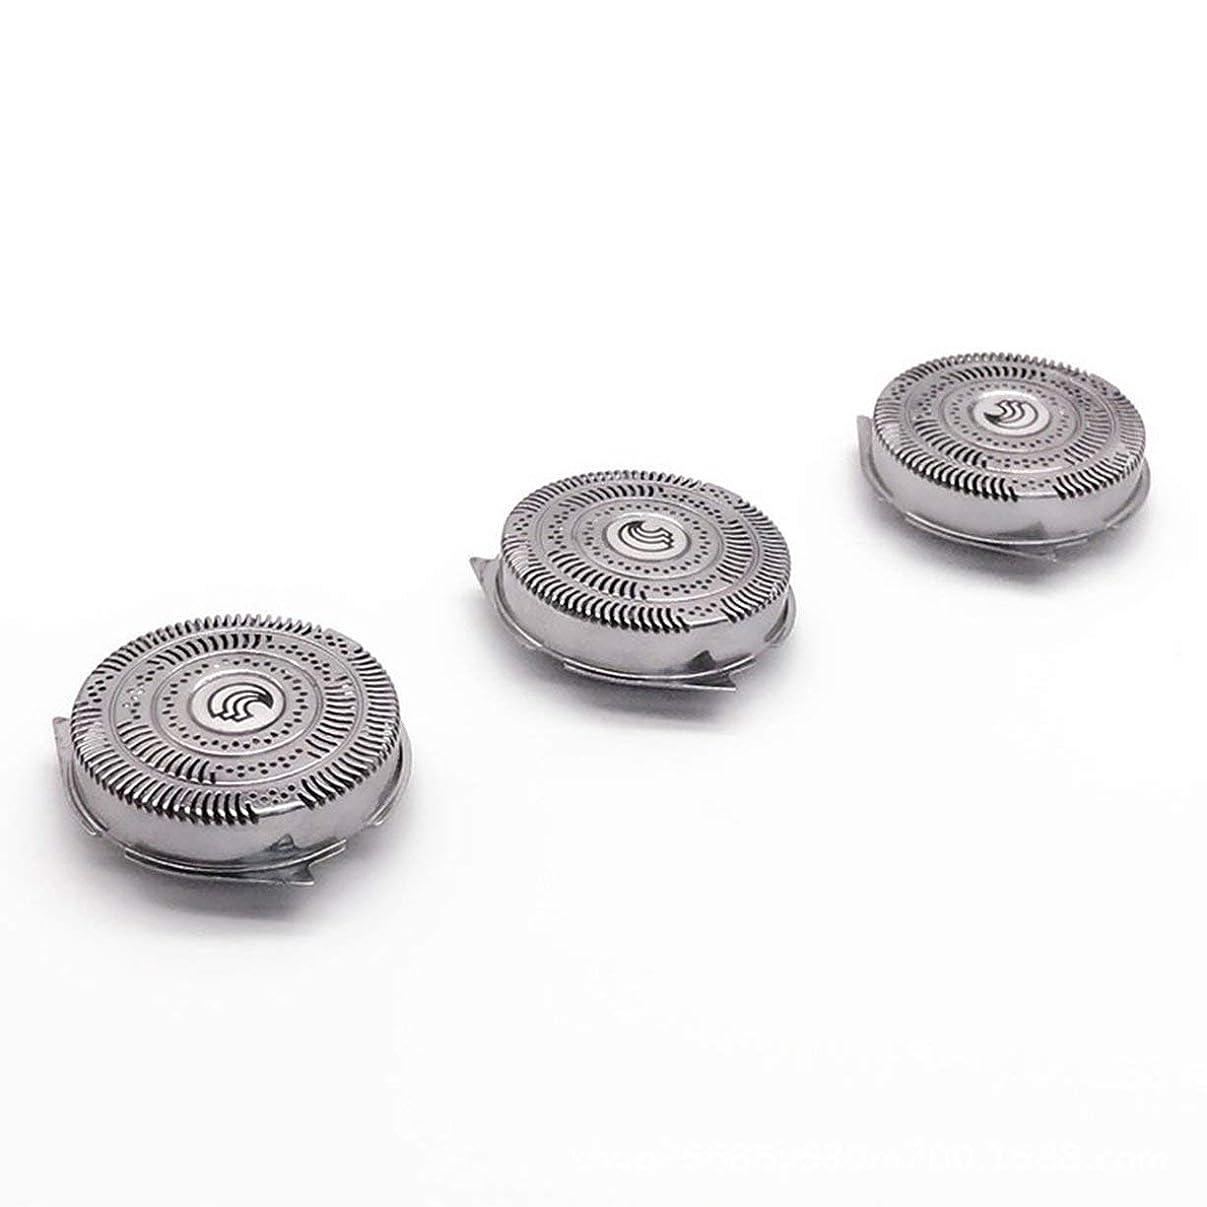 マージン磁気木材フィリップスHQ9070 HQ9080 HQ8240 / 8260 PT920ロータリーシェーバーアクセサリー用シルバー3本シェーバーかみそり刃シェービングヘッド交換用フィット - シルバー